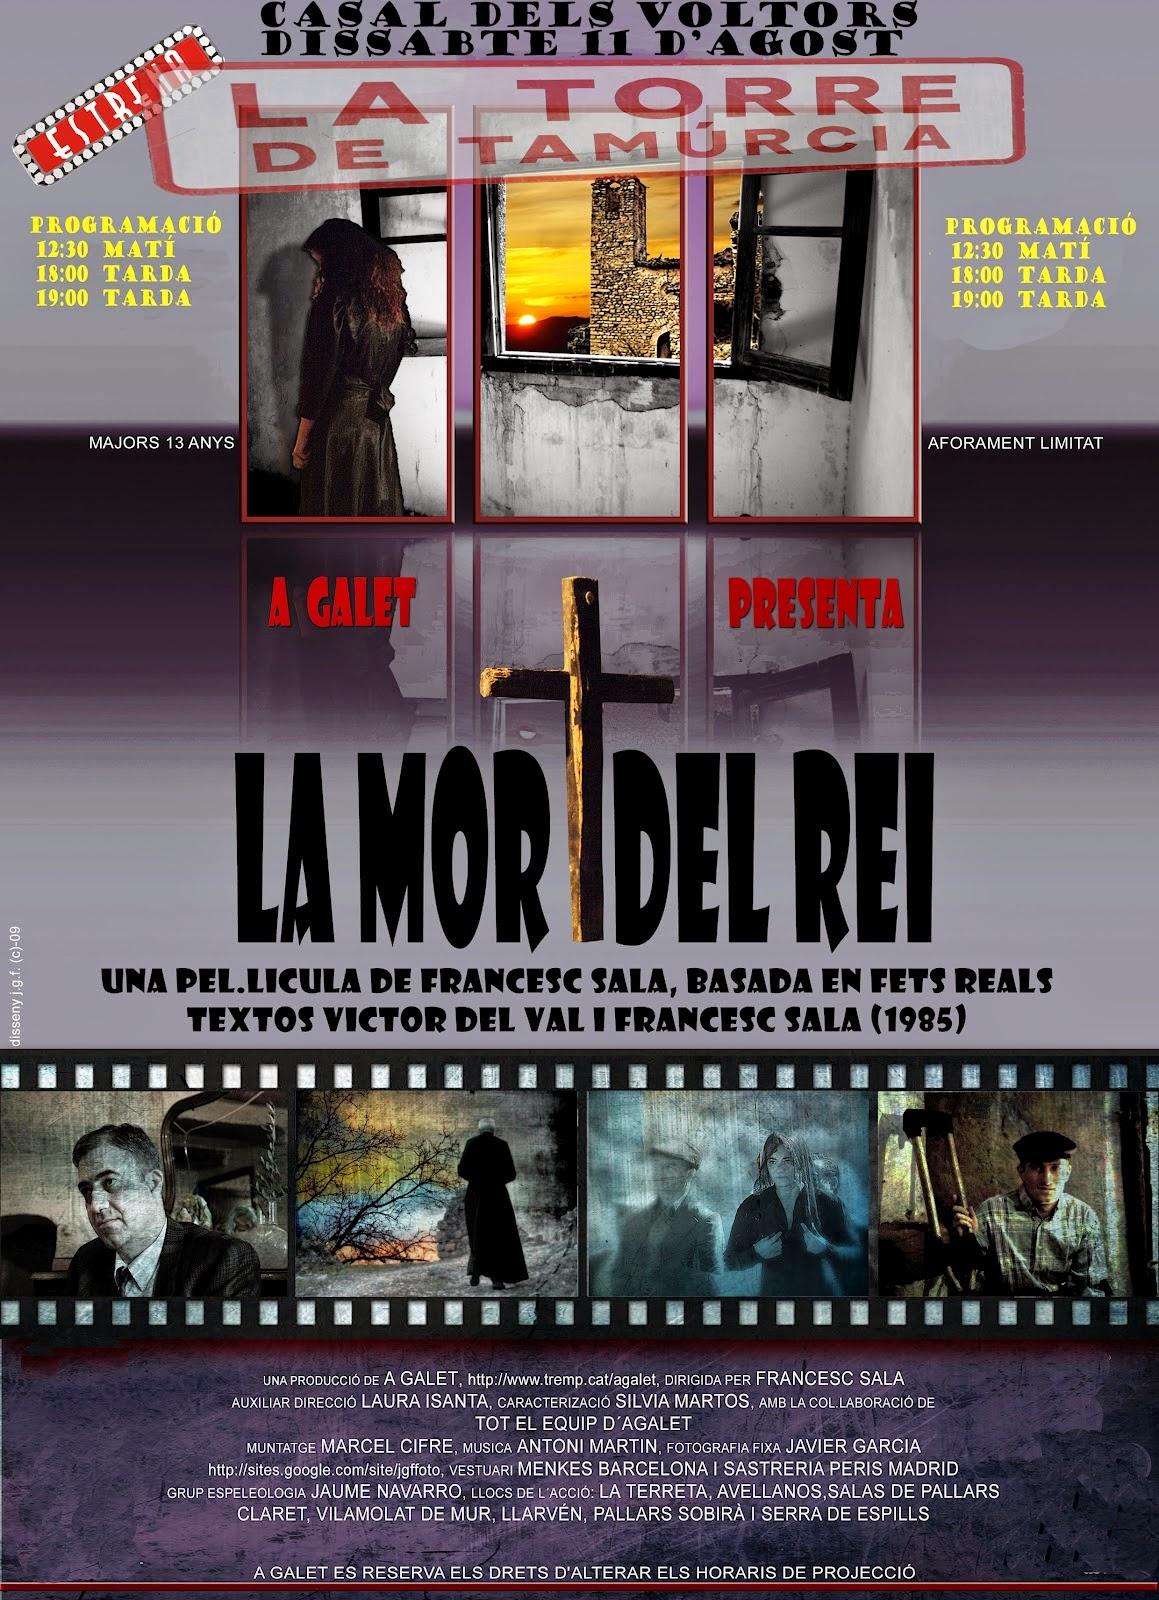 http://laterretacultura.blogspot.com.es/2012/08/pellicula-la-mort-del-rei-la-torre-de.html